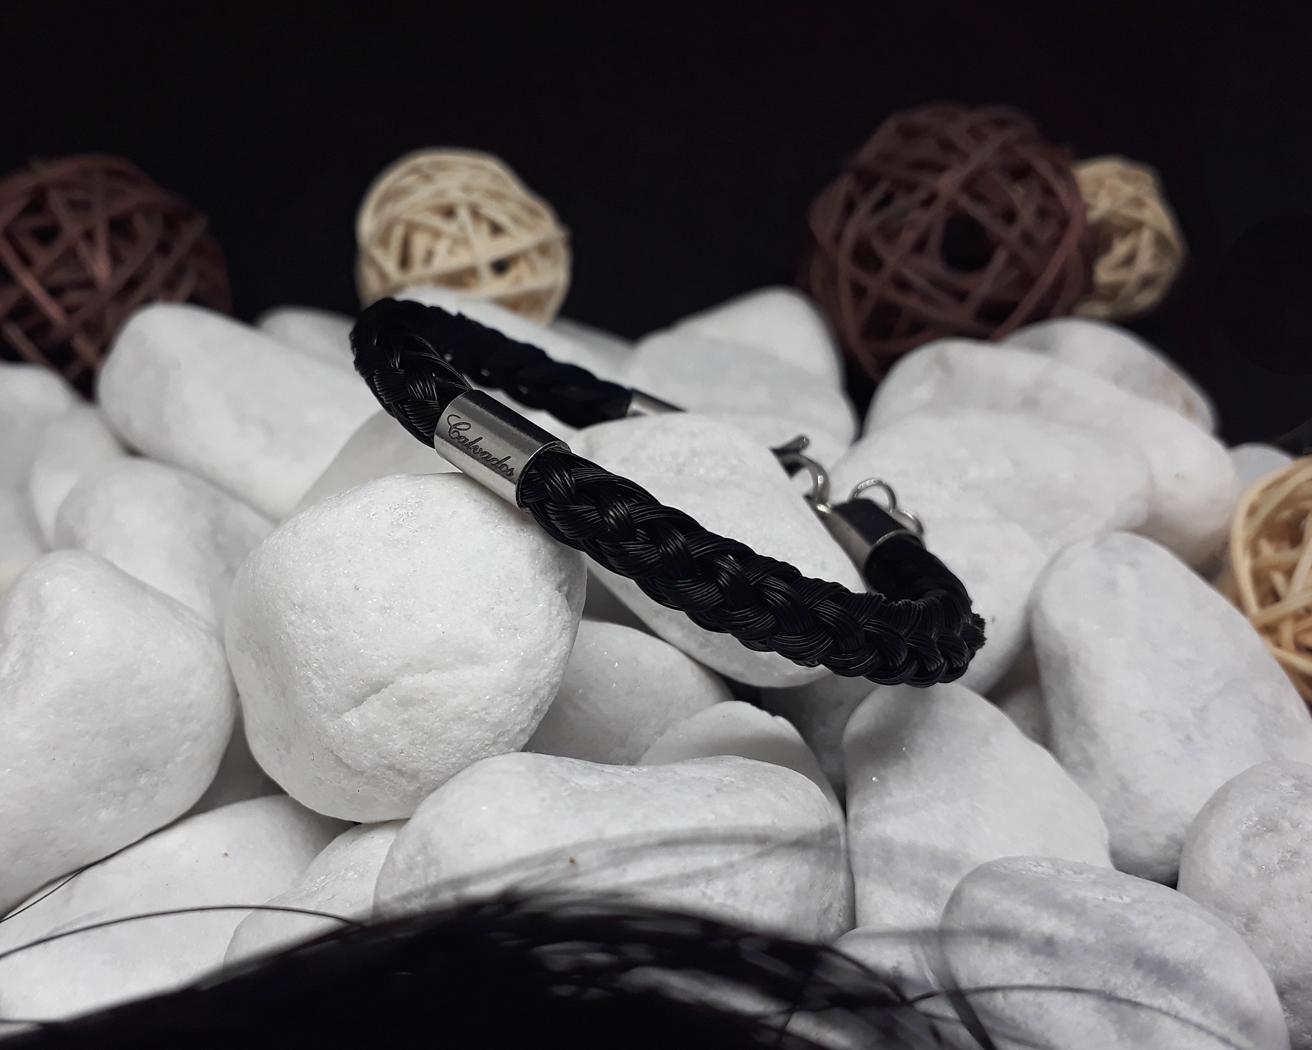 R8-Gravur-Edelstahlhülse (dick): Rund geflochtenes Armband aus 8 schwarzen Strängen mit einer dicken Edelstahlhülse mit Gravur - mit Edelstahl-Karabinerverschluss - Preis: 64 Euro